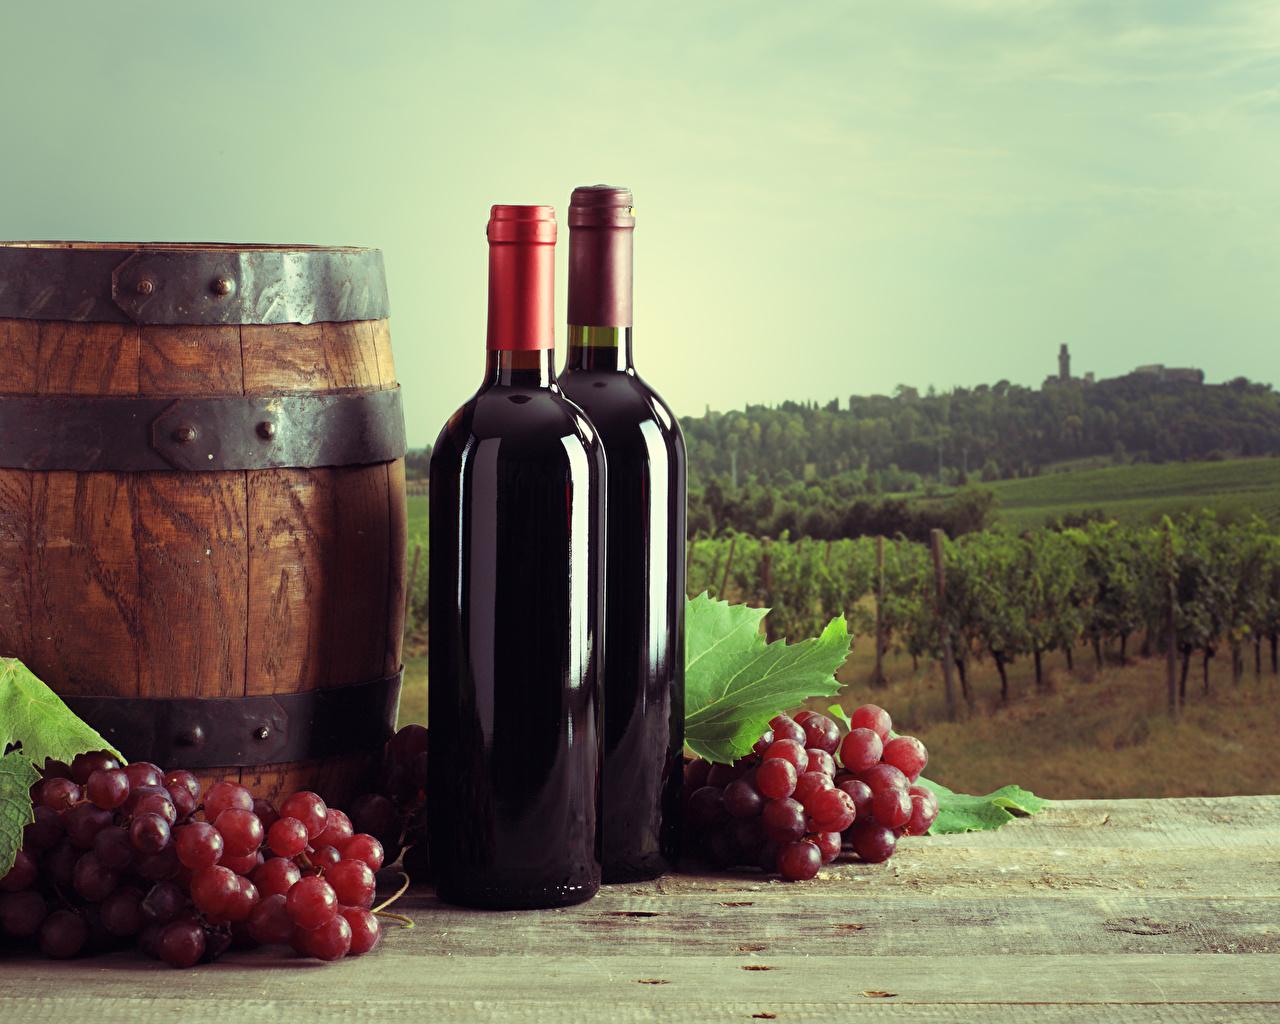 Фото Еда Вино Бочка Виноград бутылки Виноградник Пища Продукты питания Бутылка